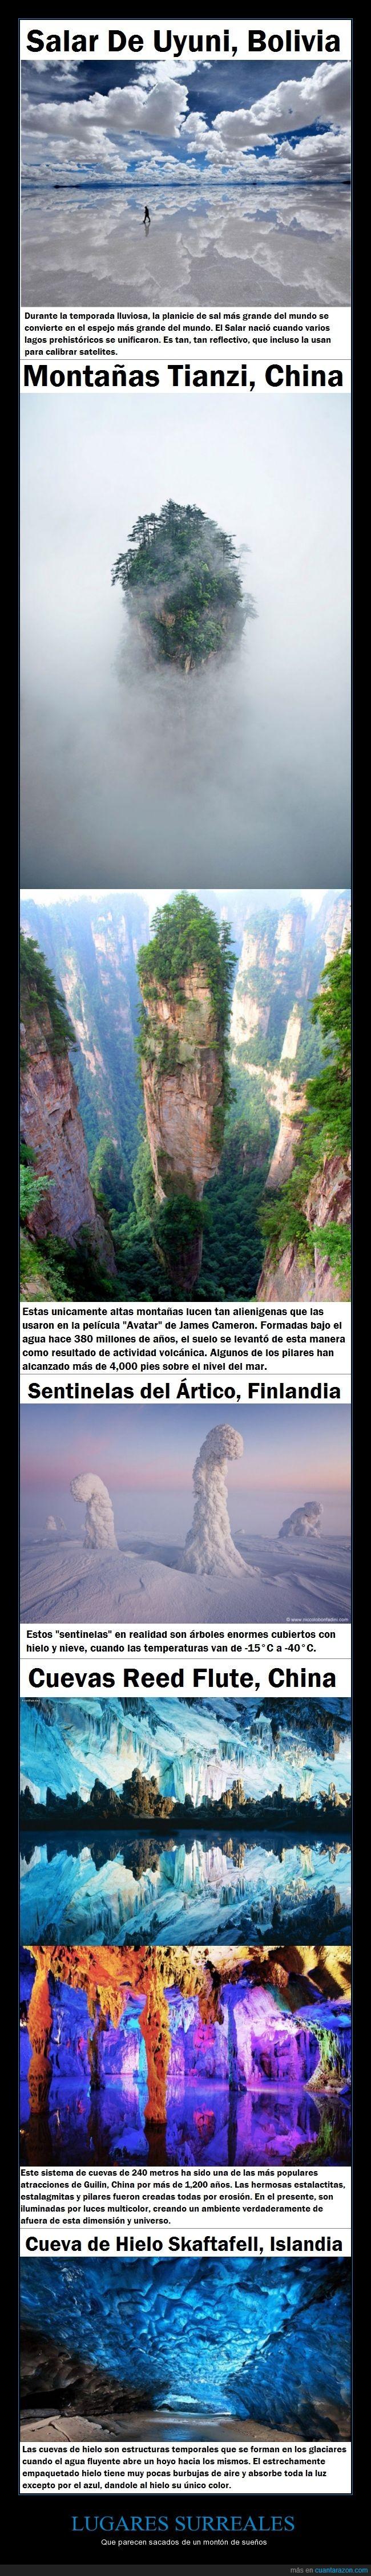 arbol,cuento,cueva,lugares,secreto,sueño,surrealistas,tierra